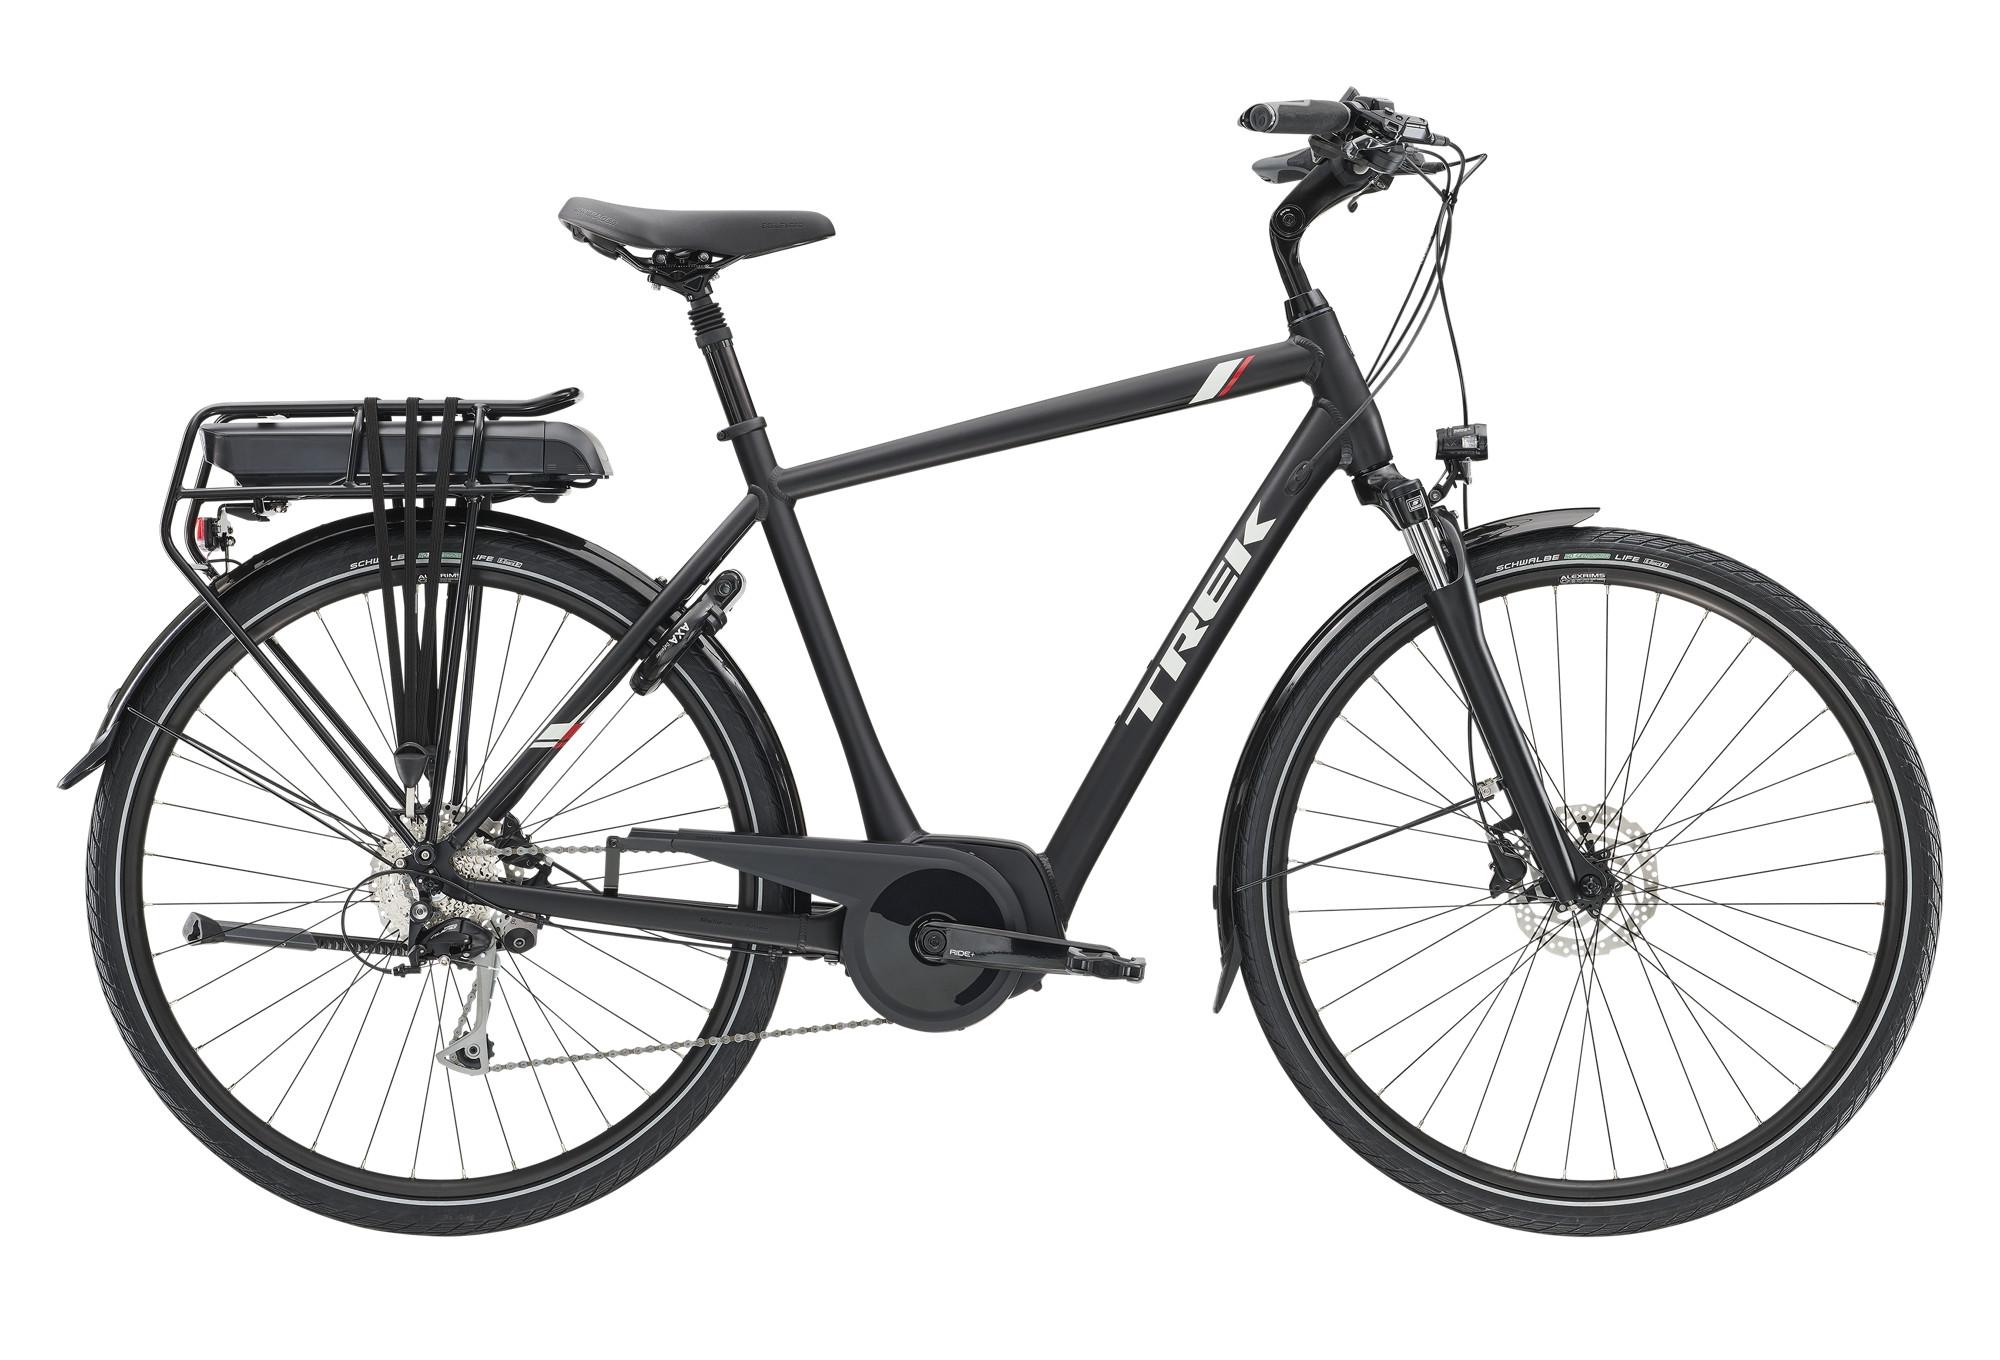 trek tm2 500wh hybrid urban bike 2019 shimano acera. Black Bedroom Furniture Sets. Home Design Ideas